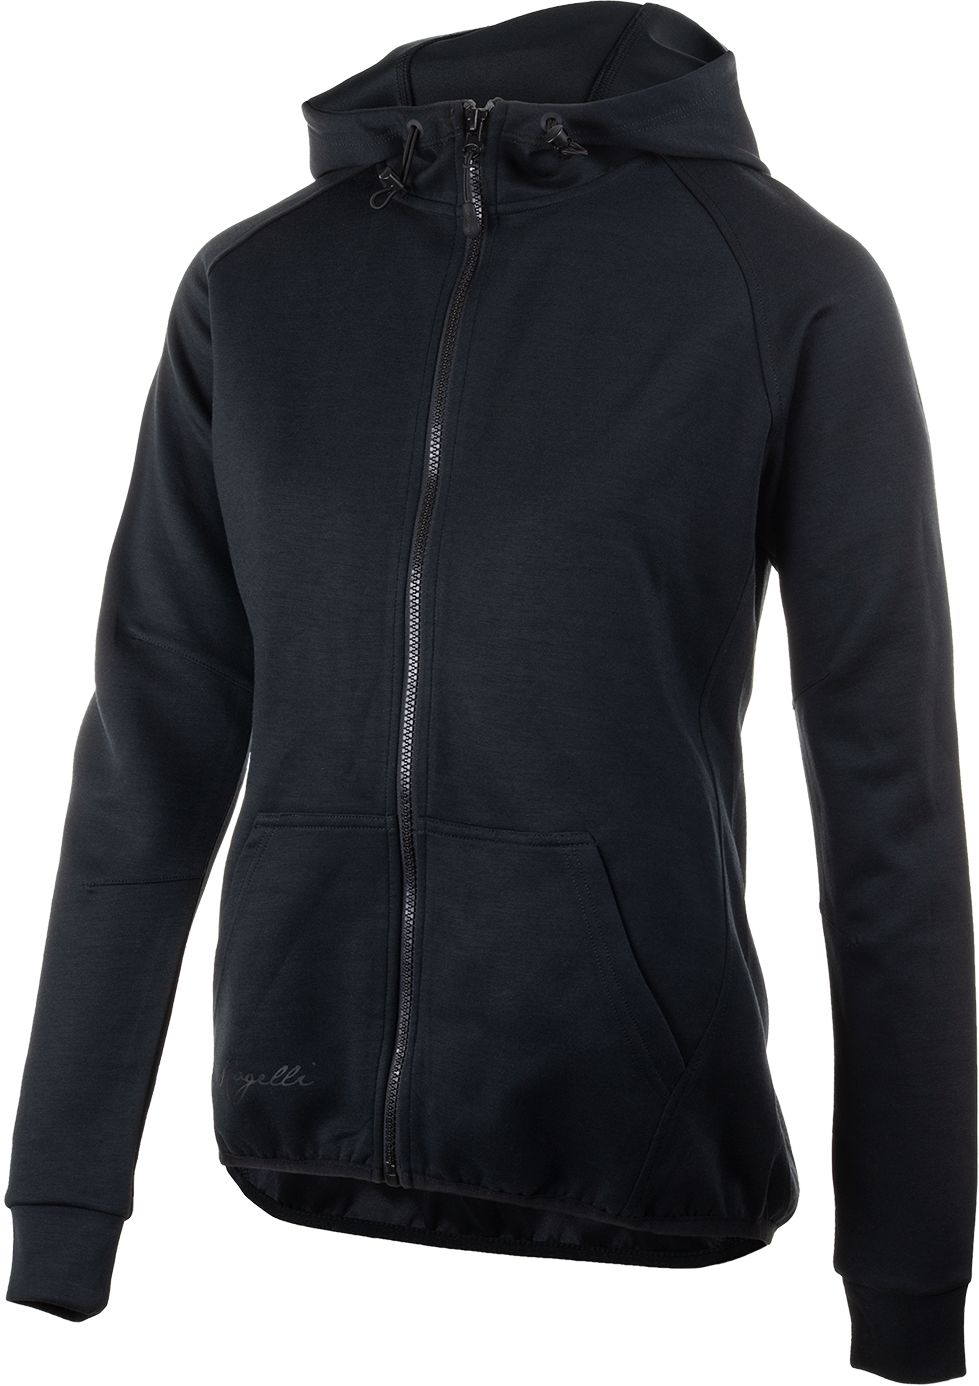 ROGELLI damska bluza z kapturem TRAINING czarna Rozmiar: S,050.610.XL